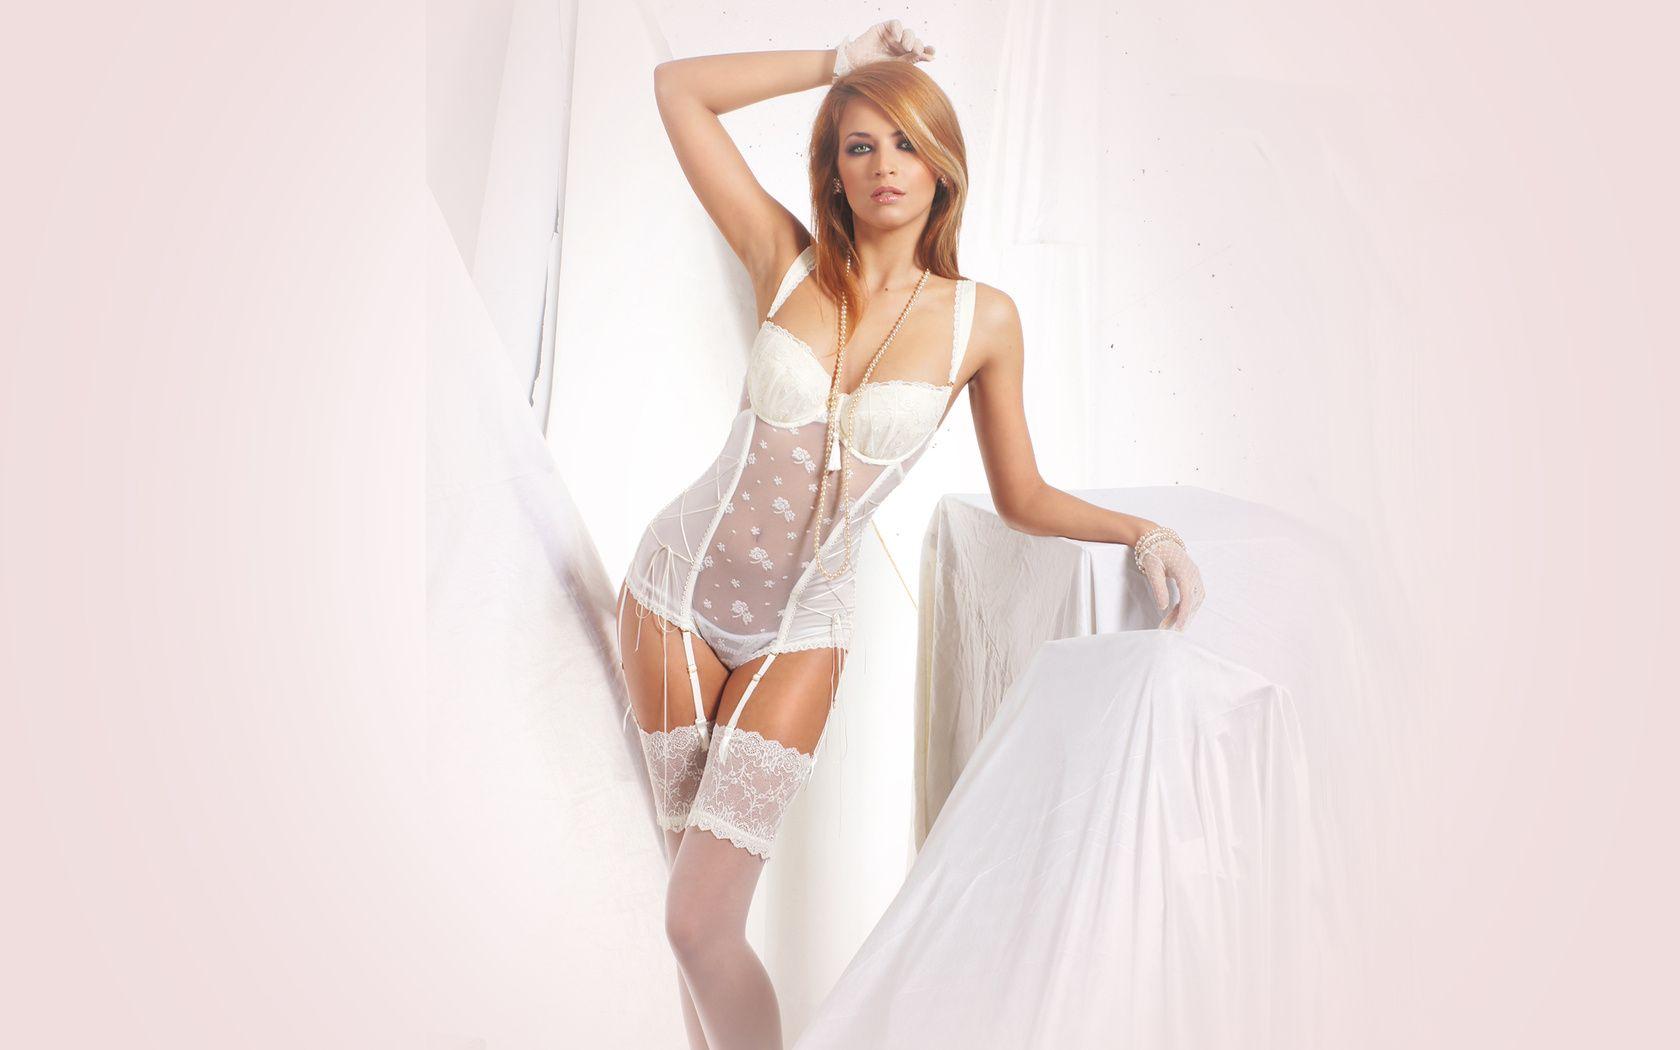 eroticheskie-foto-devushek-v-svadebnom-plate-porno-retro